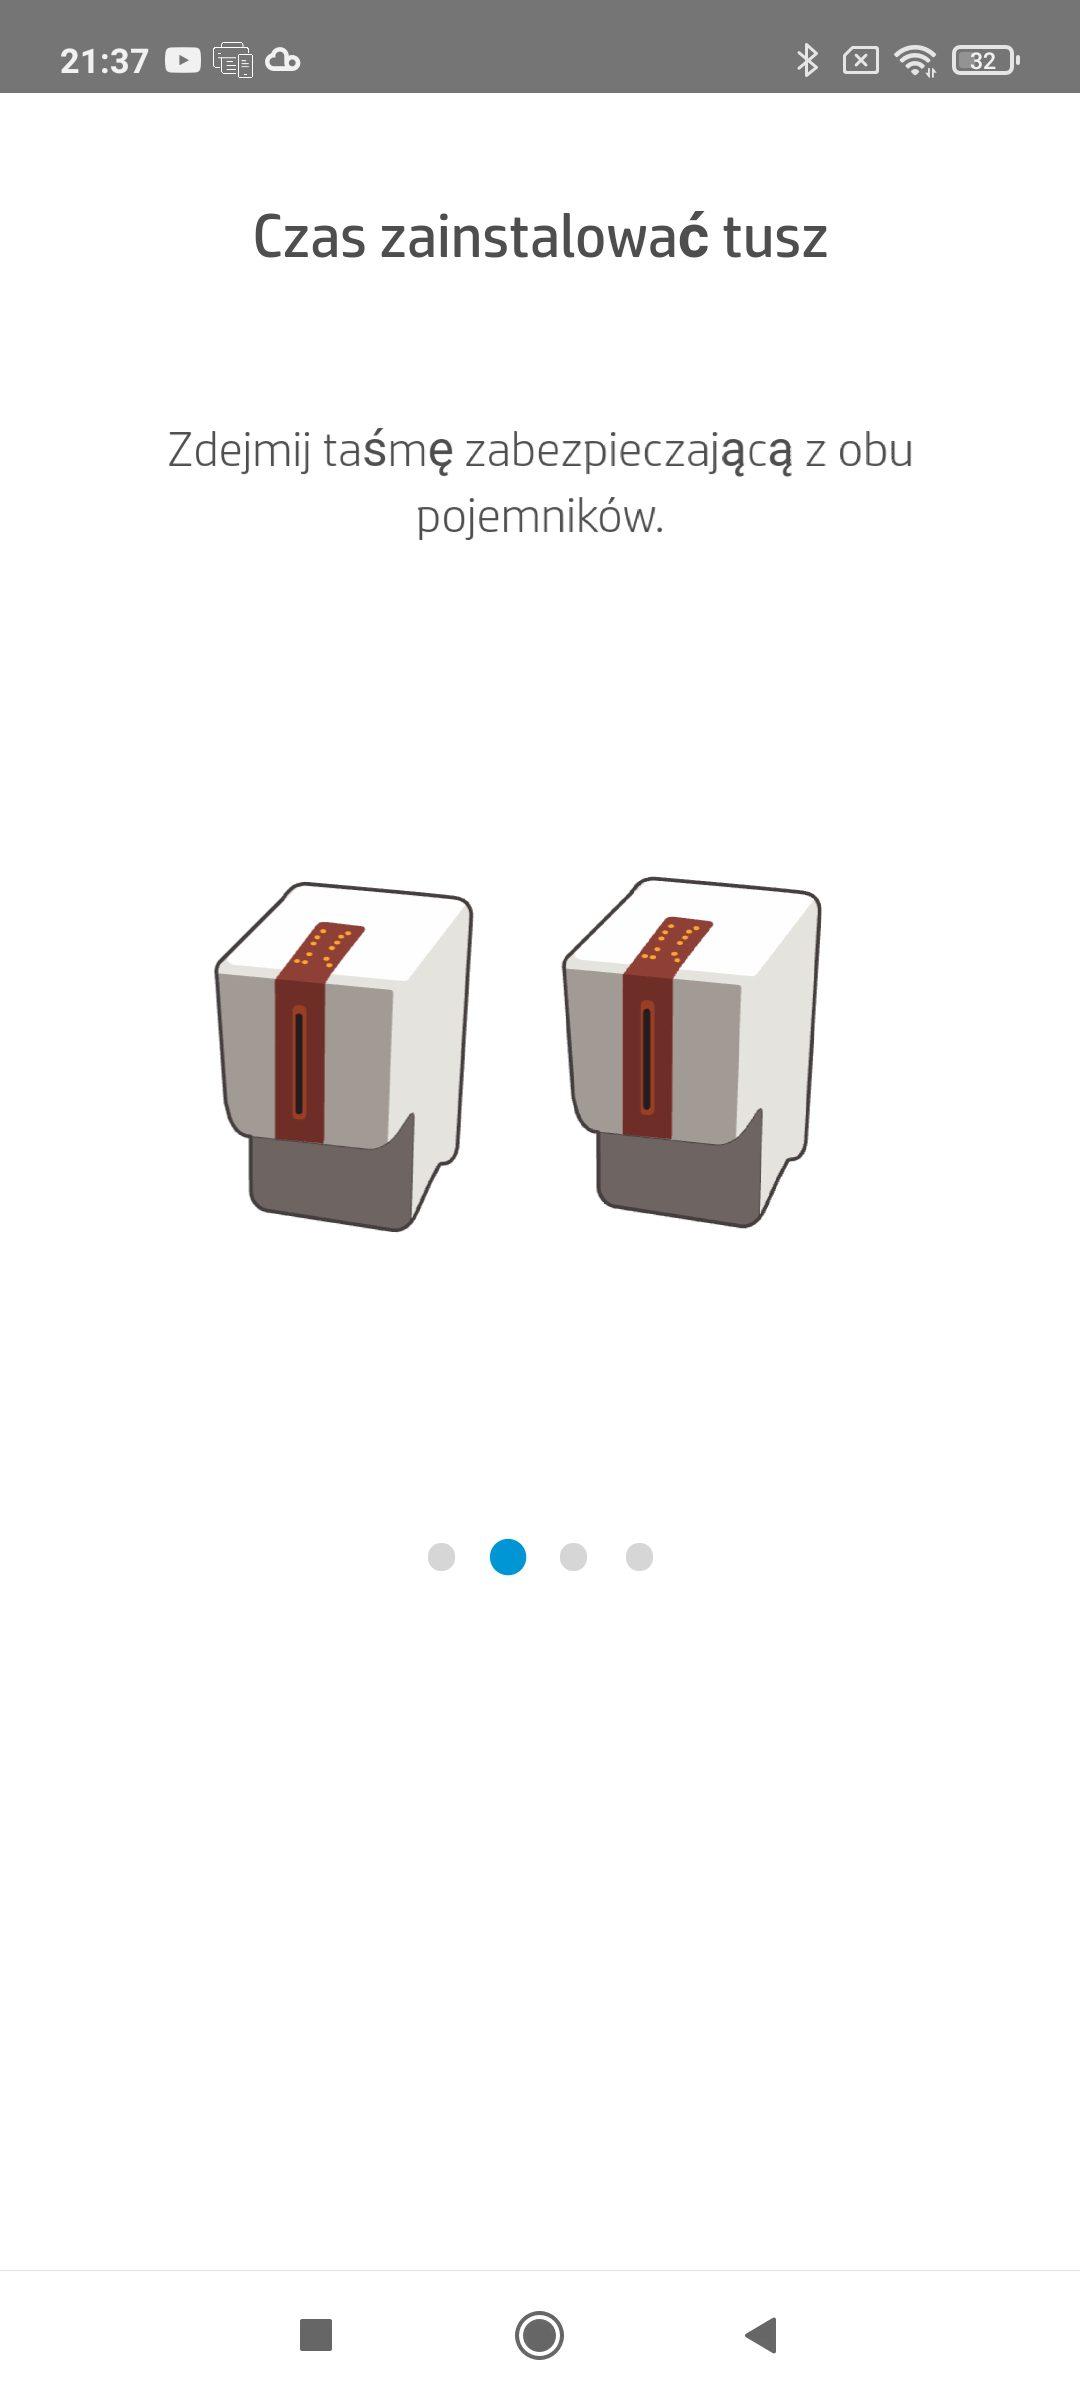 hp smart instalacja pojemników z tuszem